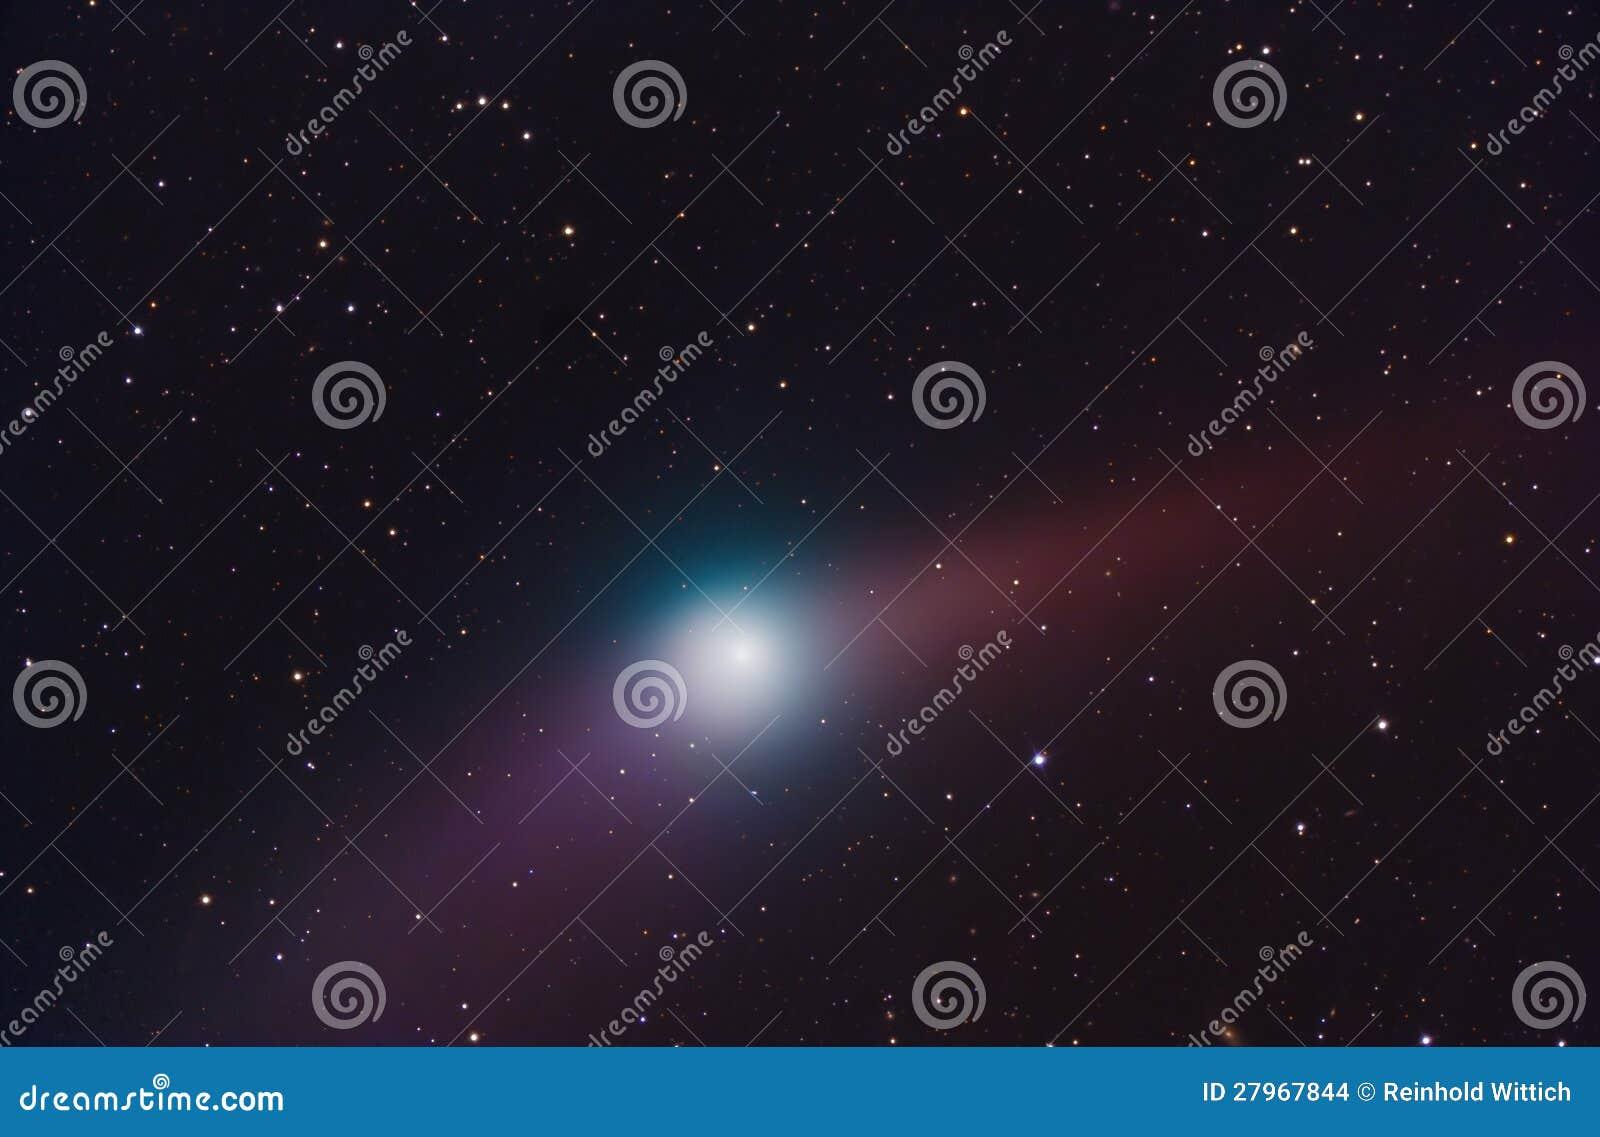 Comet Garrad